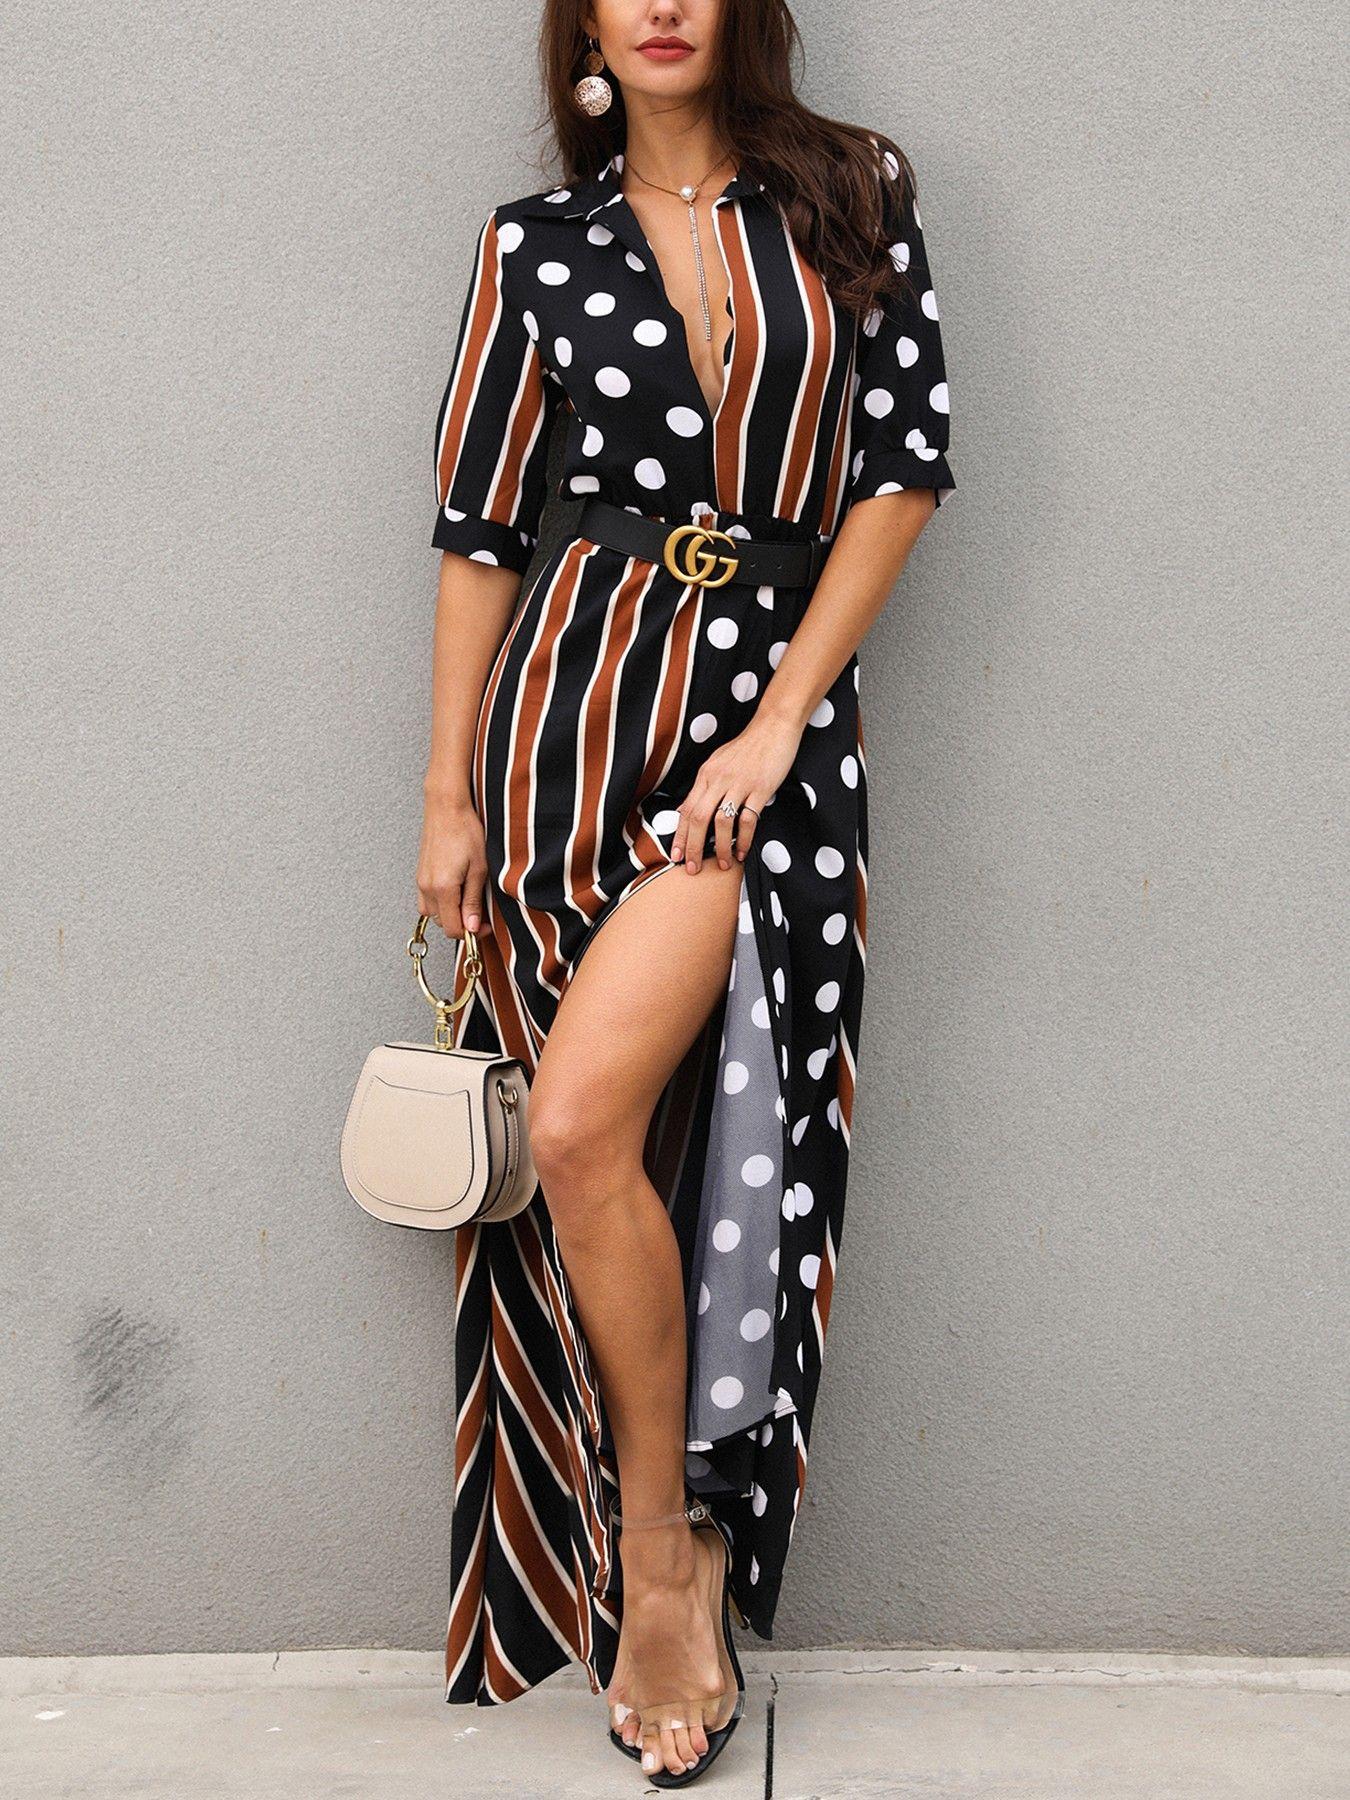 b24aa8185b1 Dots   Stripes Patchwork Plunge Slit Maxi Dress (S M L XL)  30.99 ...